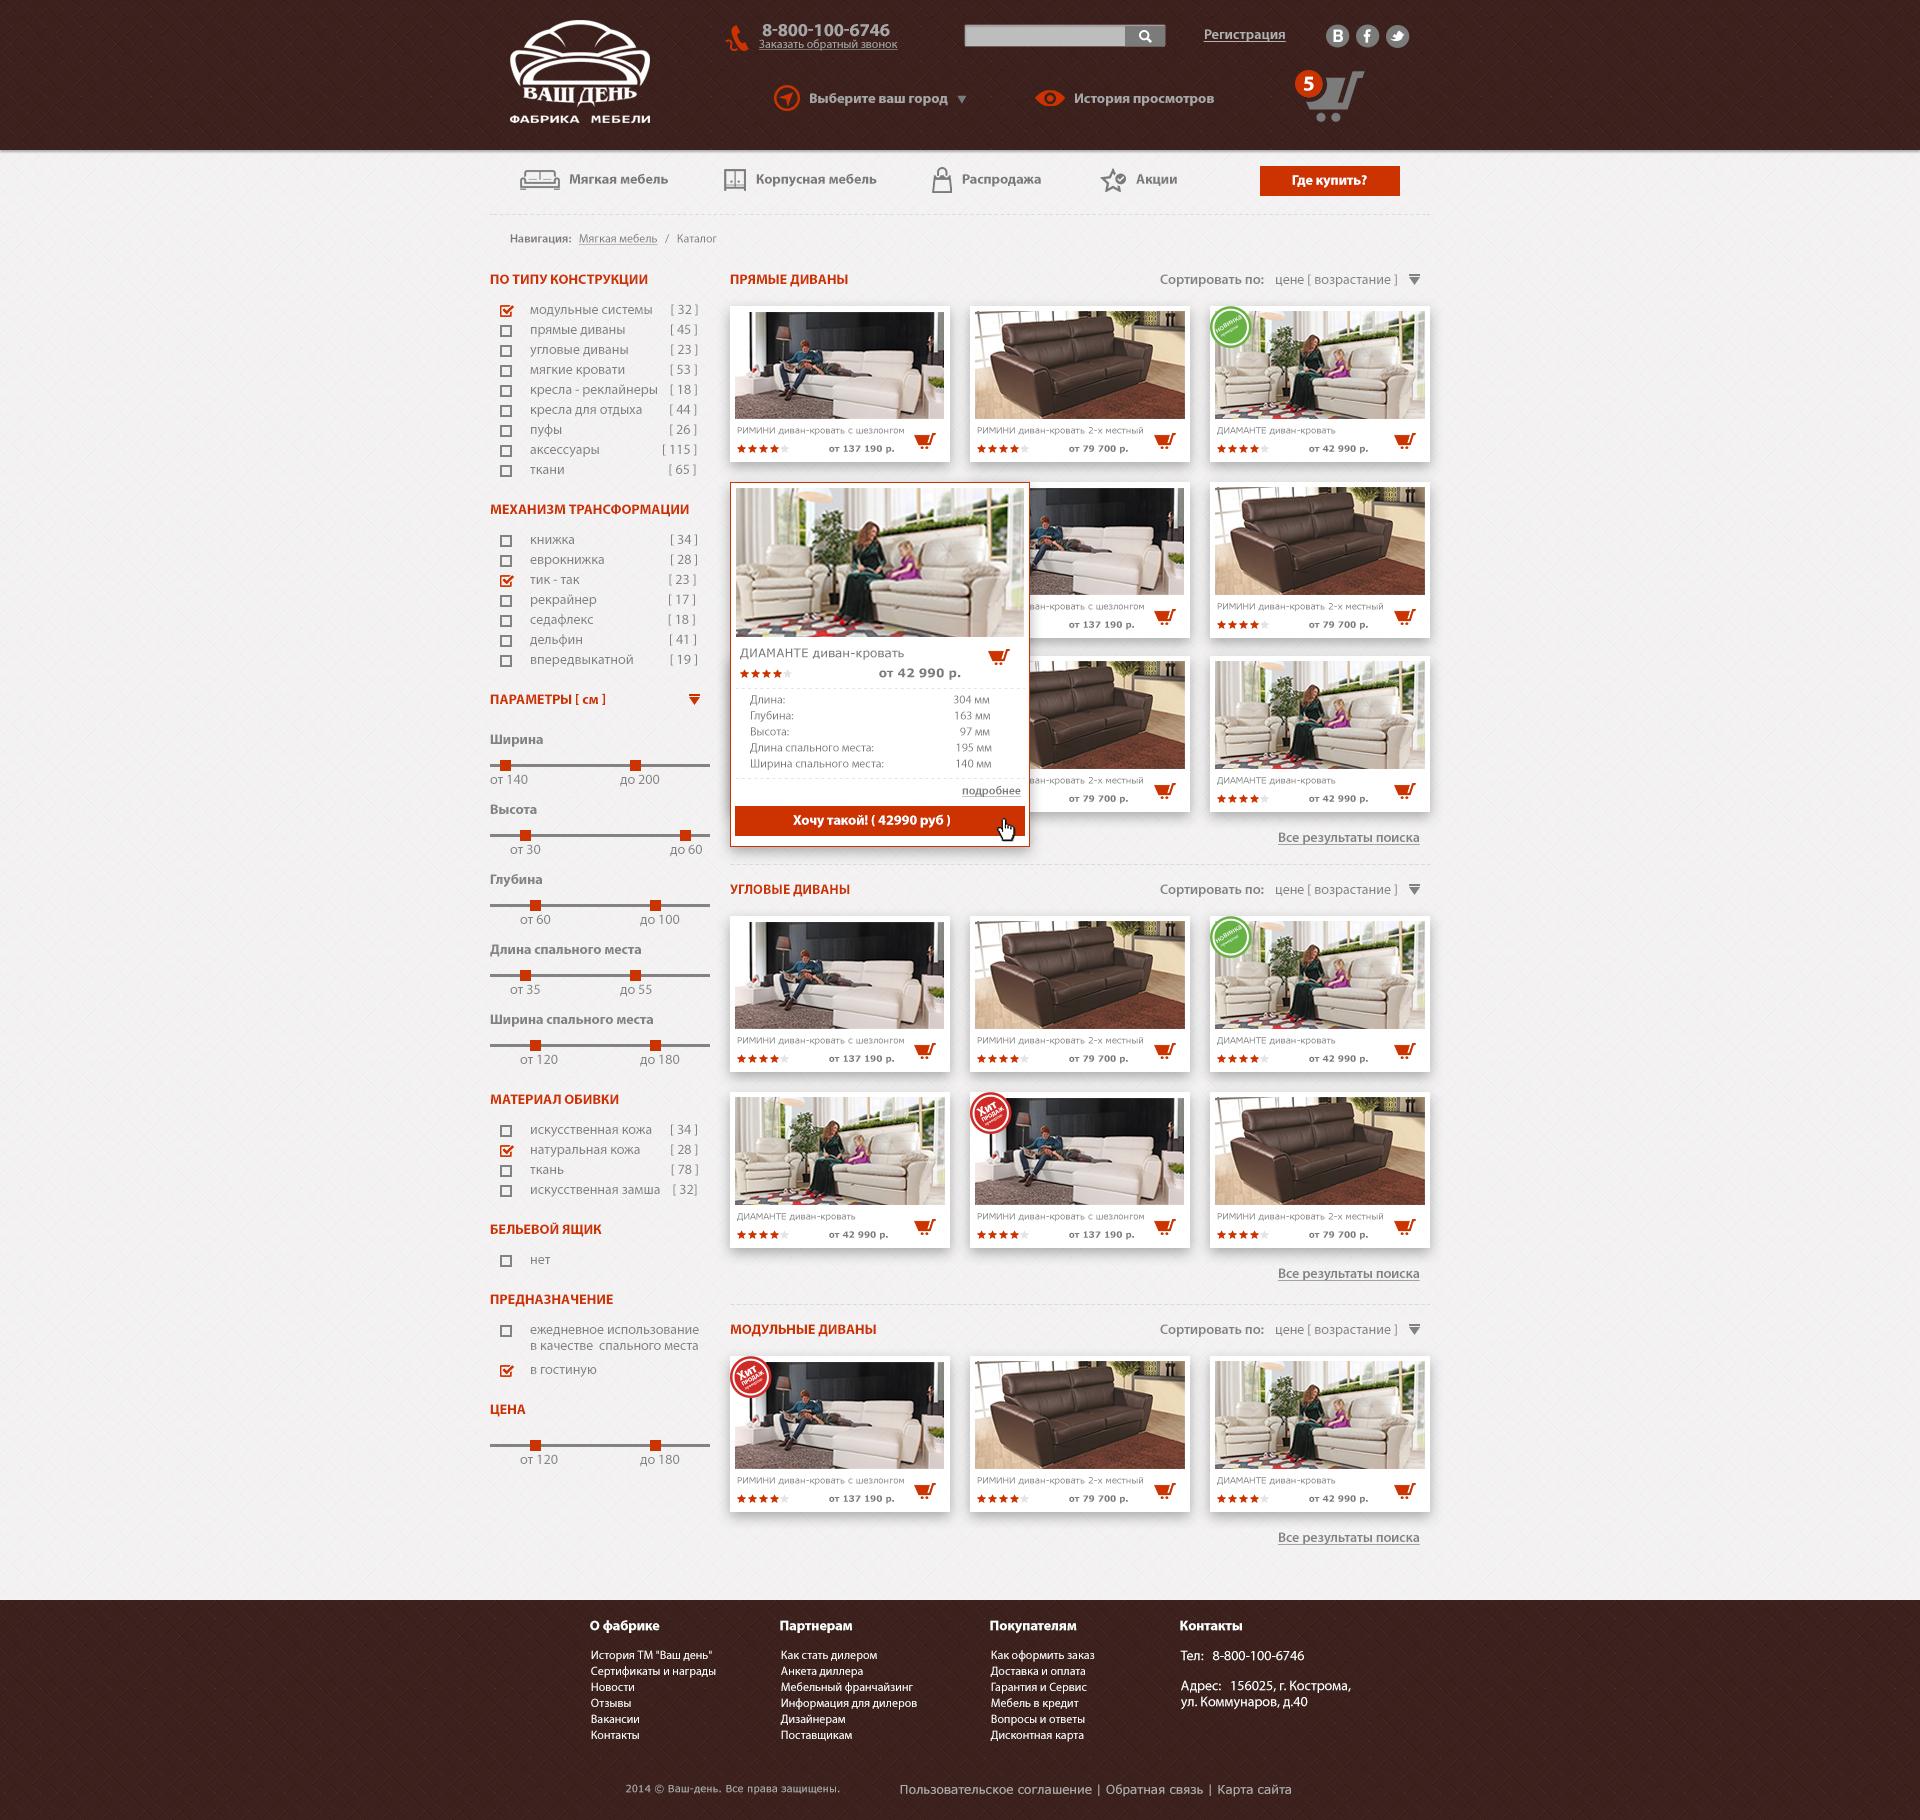 Разработать дизайн для интернет-магазина мебели фото f_27052f34f6359a2a.jpg